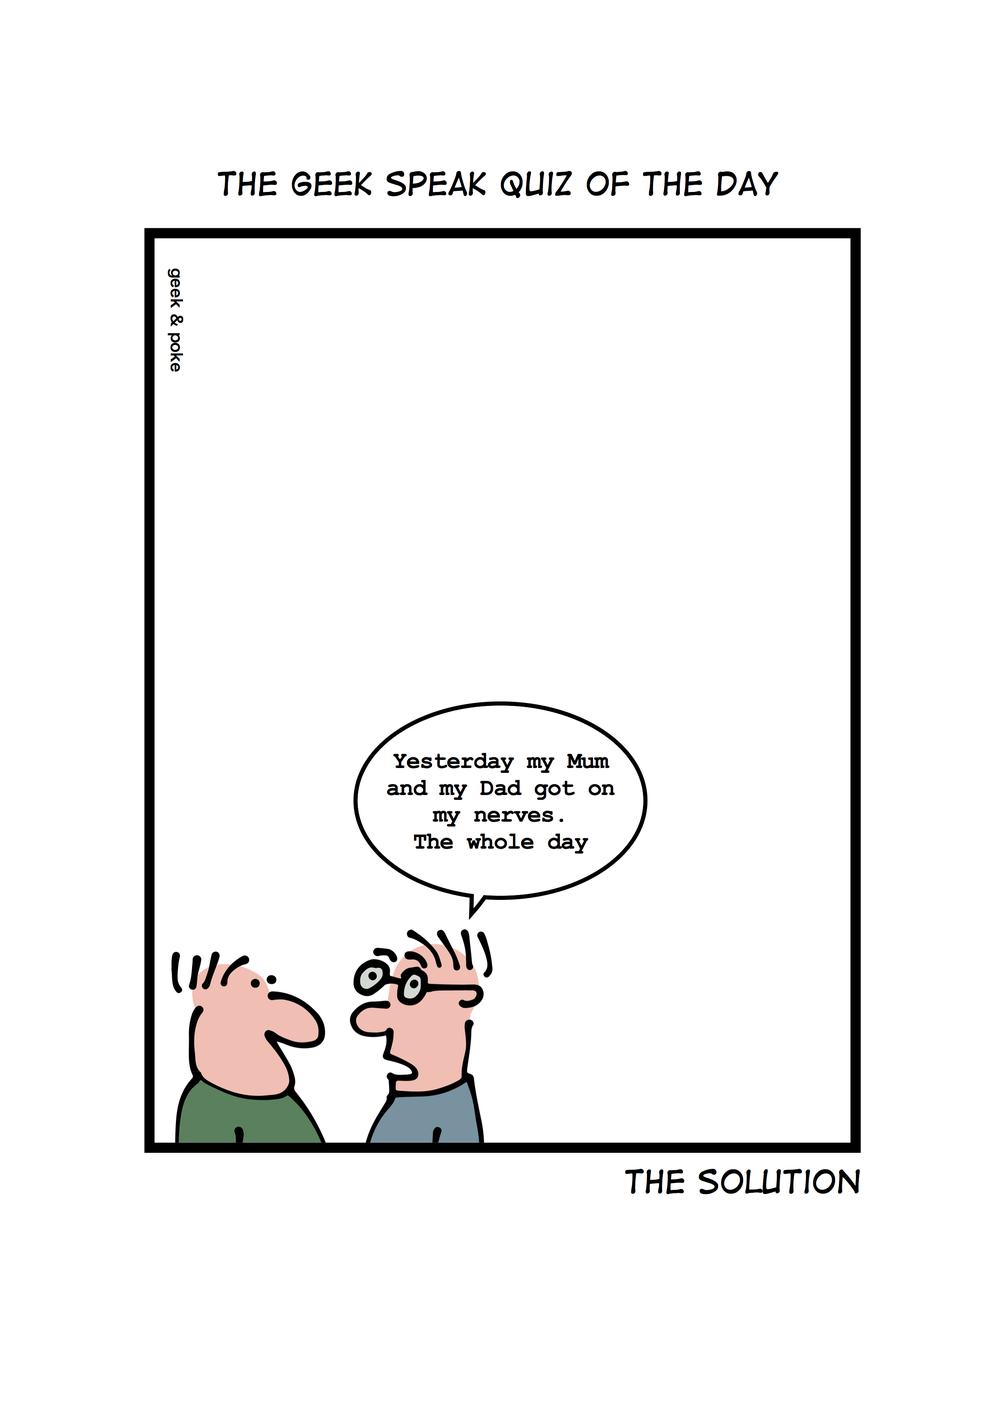 geek-speak-solution2.jpg